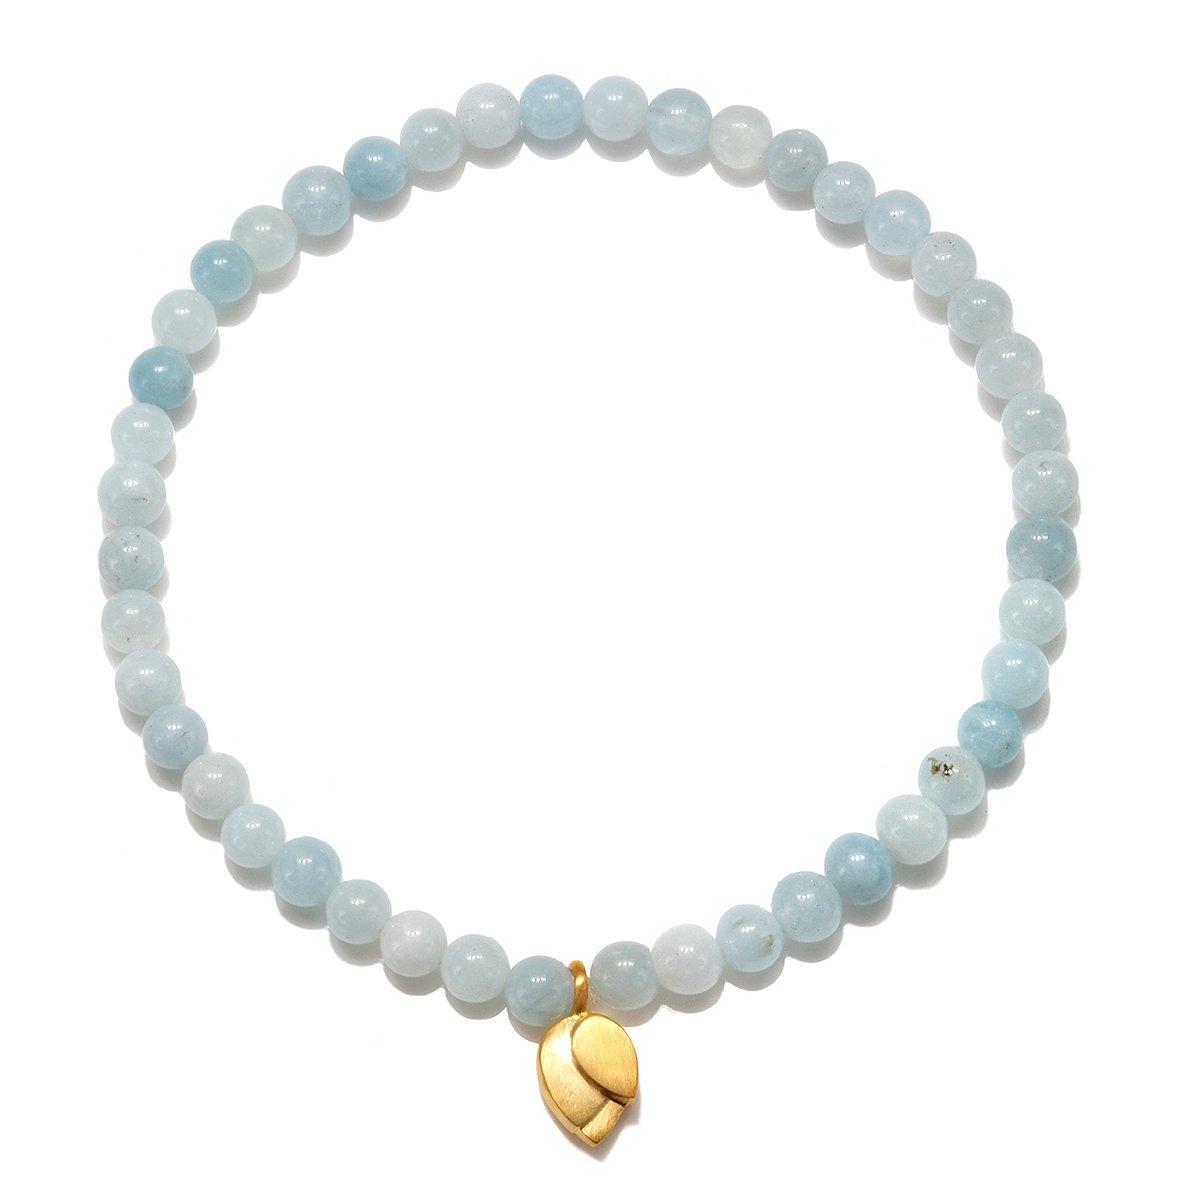 Satya Jewelry Aquamarine Gold Lotus Stretch Bracelet, Blue, One Size by Satya Jewelry